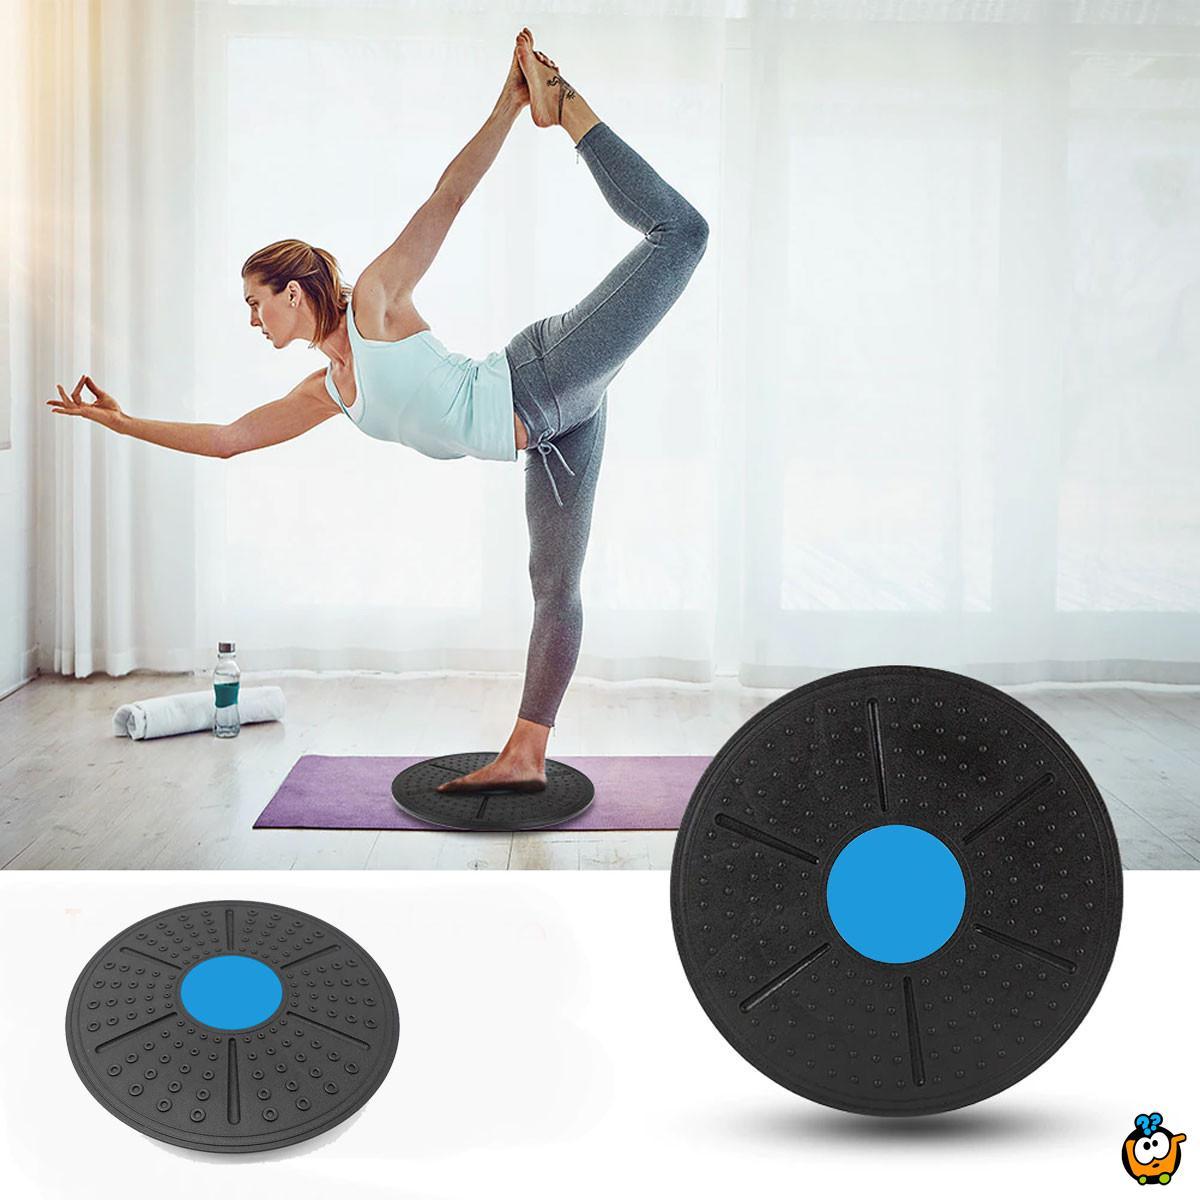 Yoga balance board – Magična balans ploča